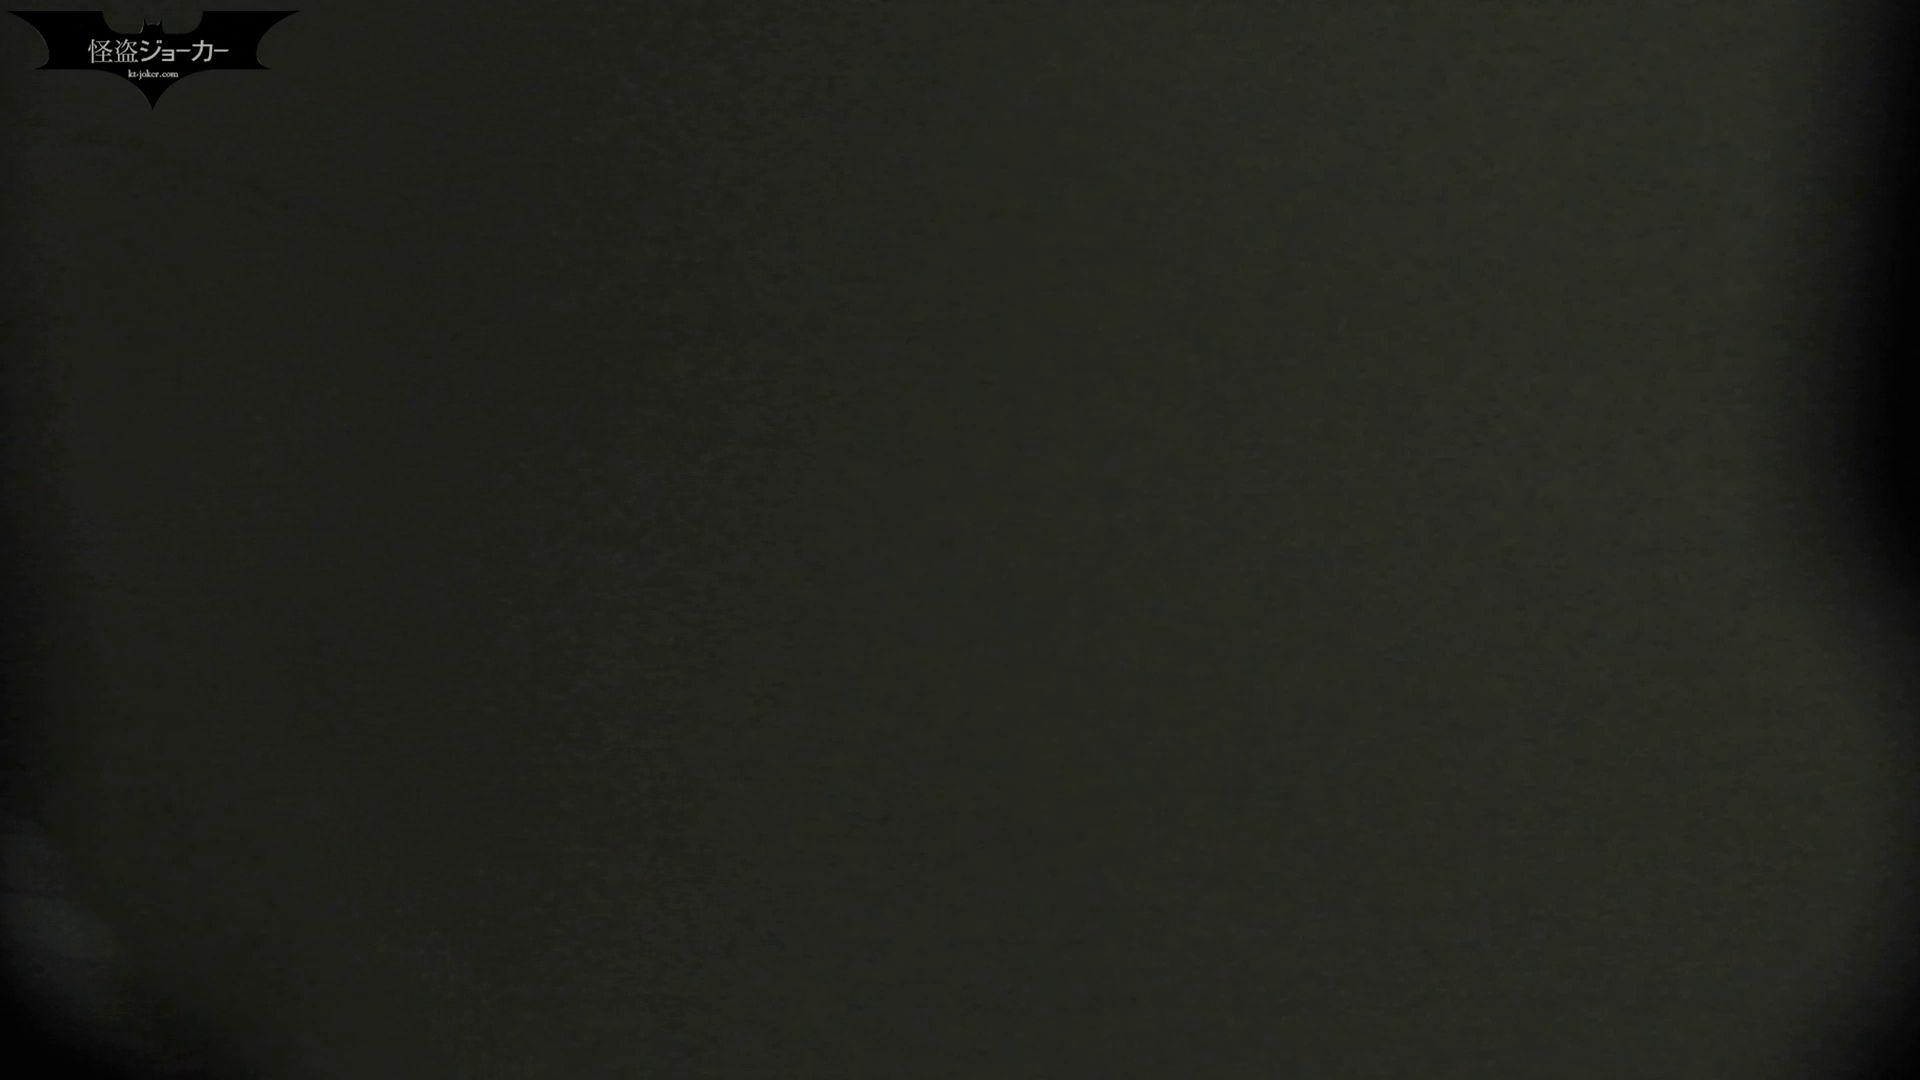 洗面所特攻隊 vol.047 モリモリ、ふきふきにスーパーズーム! 盛合せ | 高画質  113画像 56